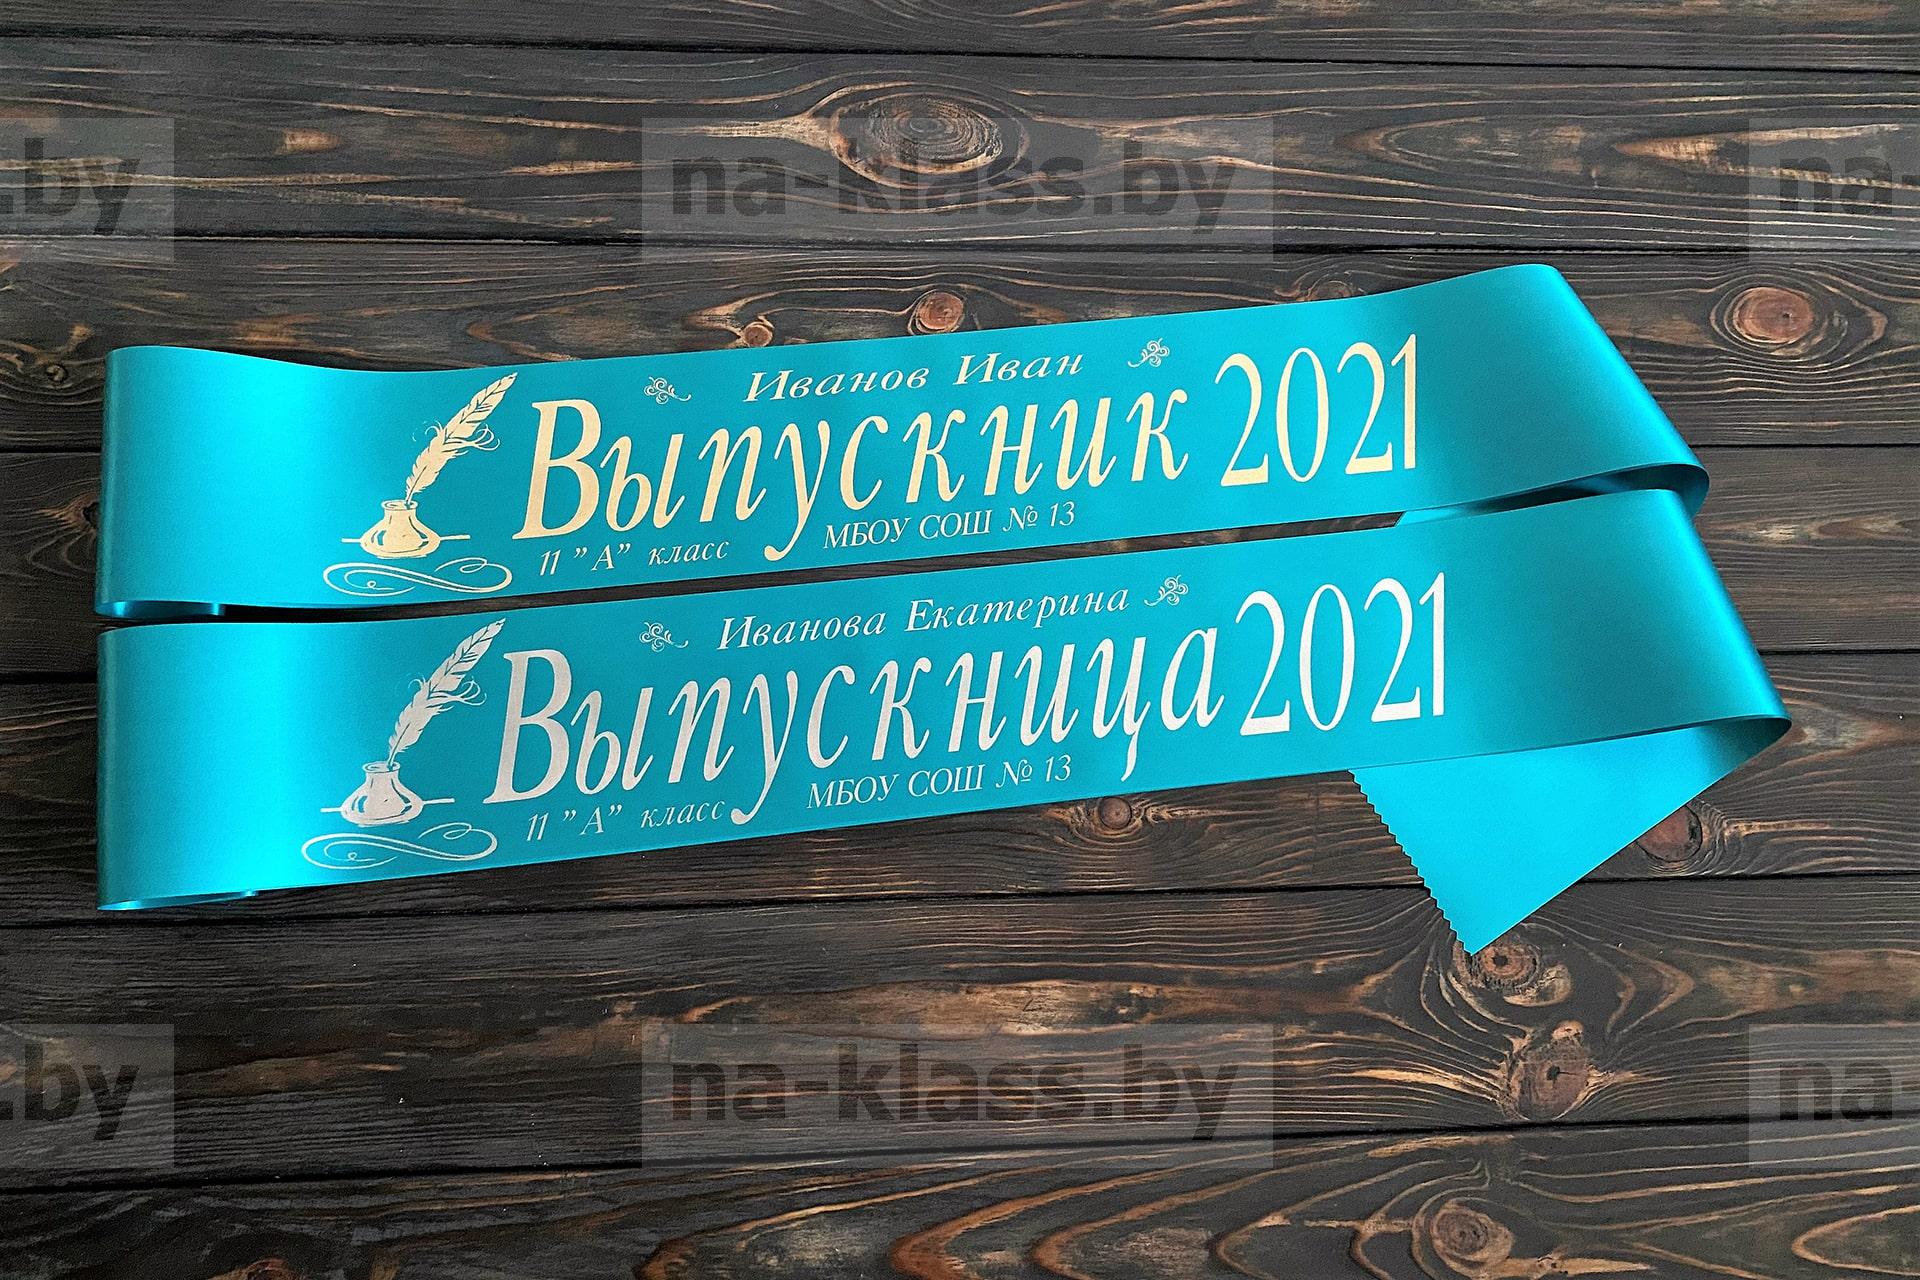 выпускная лента 2021 купить